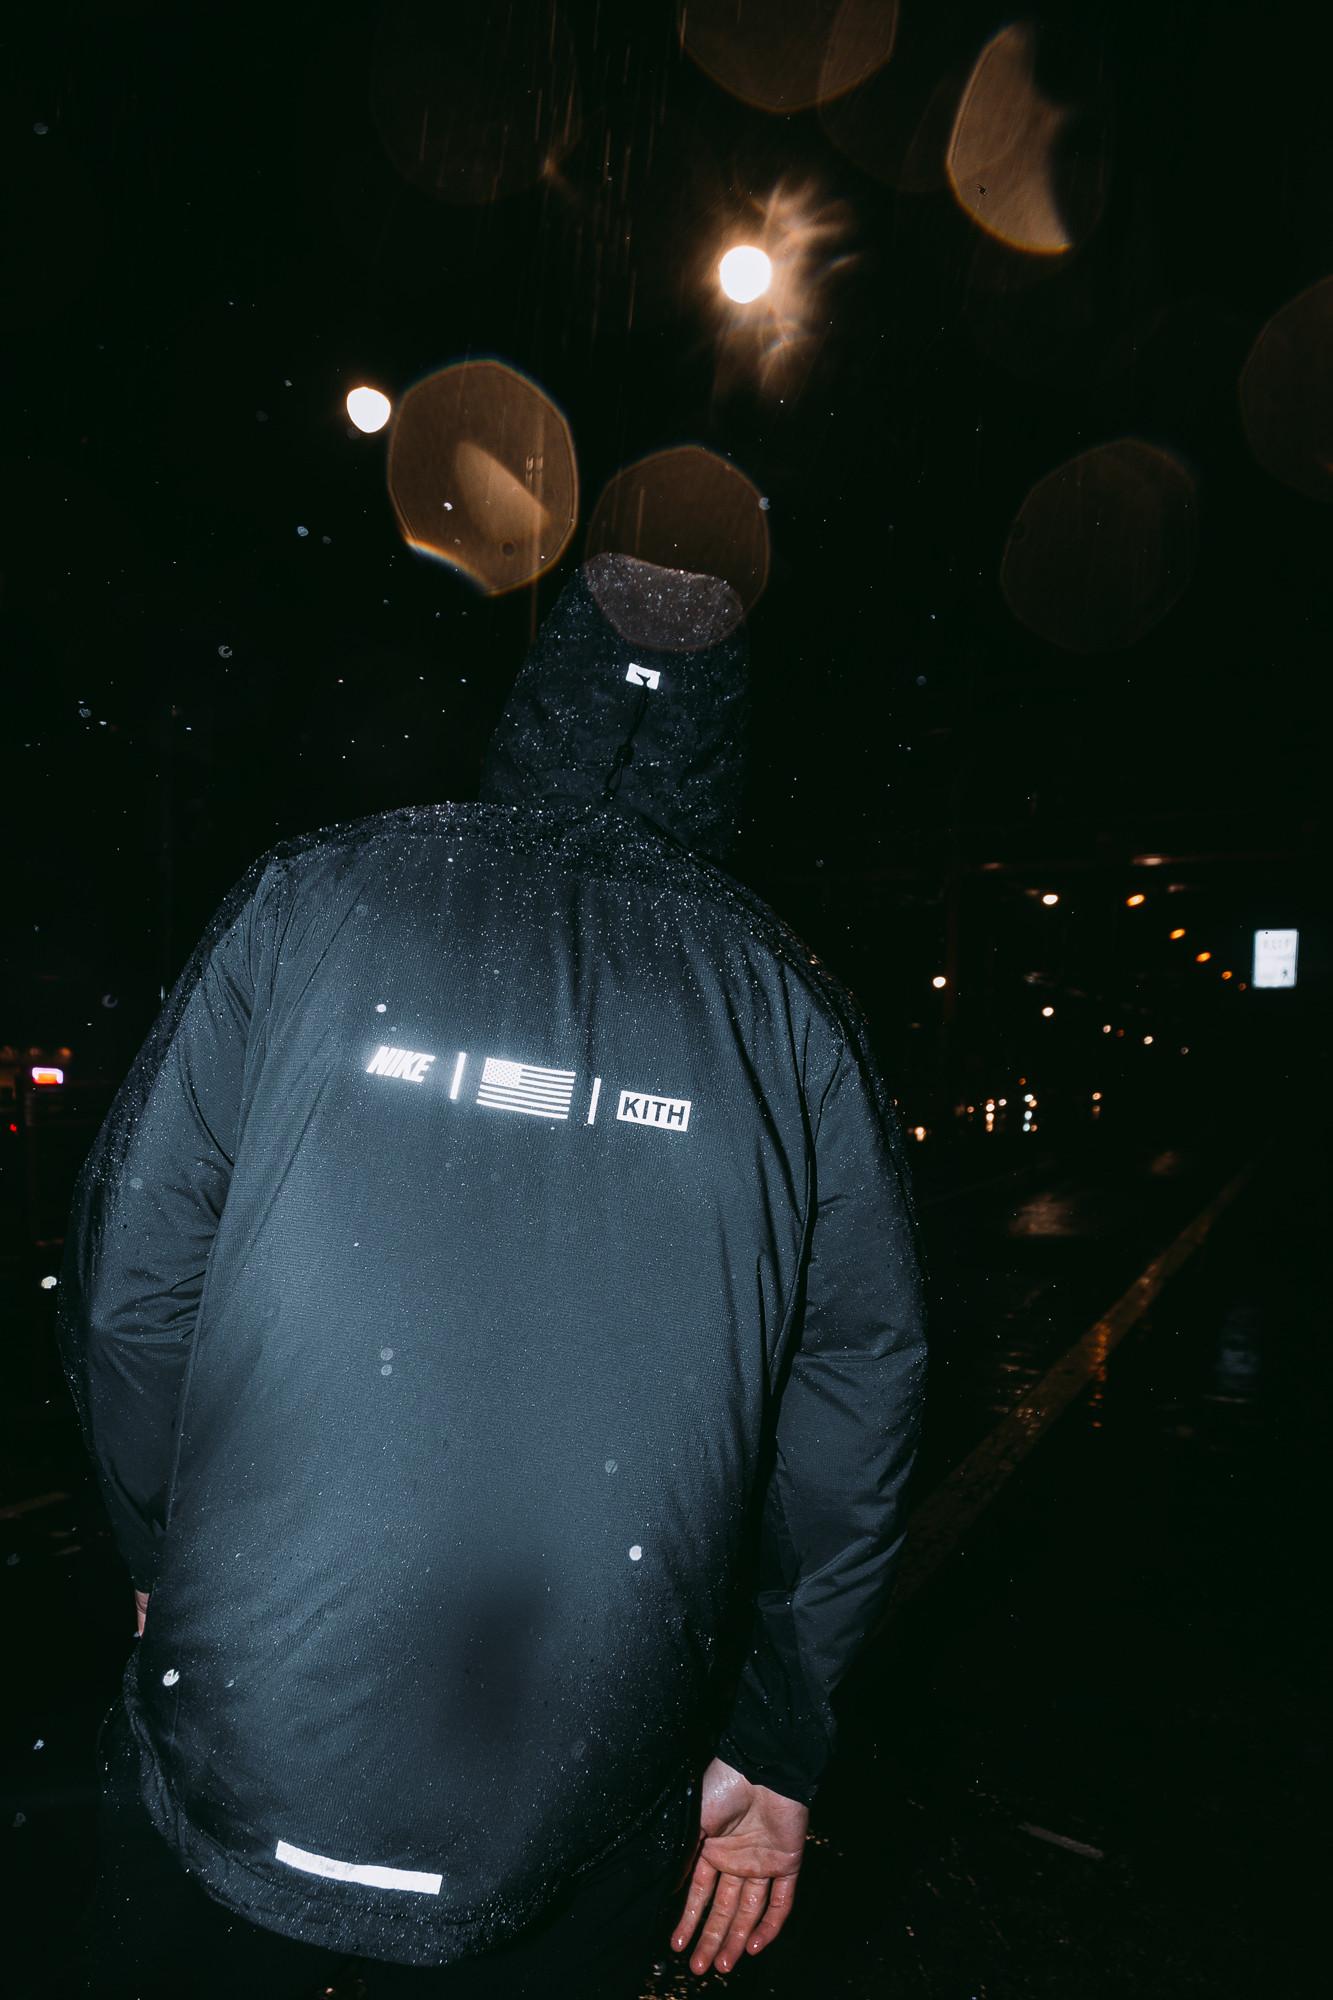 Nike x Kith RunSet | Photo: Nolan Persons